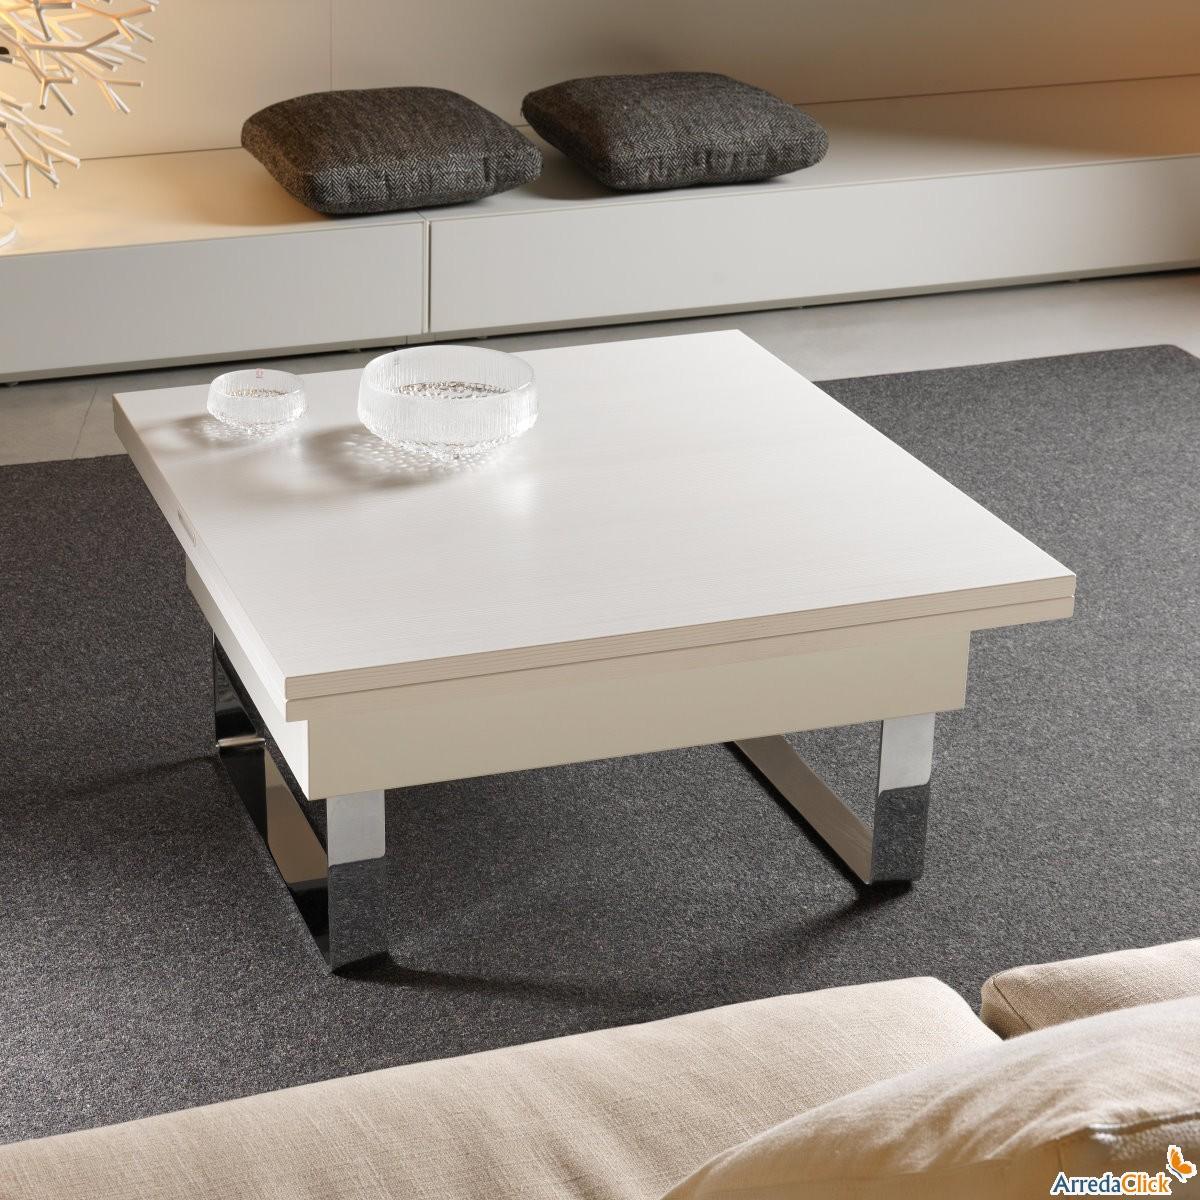 Tavolini Da Salotto Trasformabili In Tavolo.Arredaclick Il Blog Sull Arredamento Italiano Online